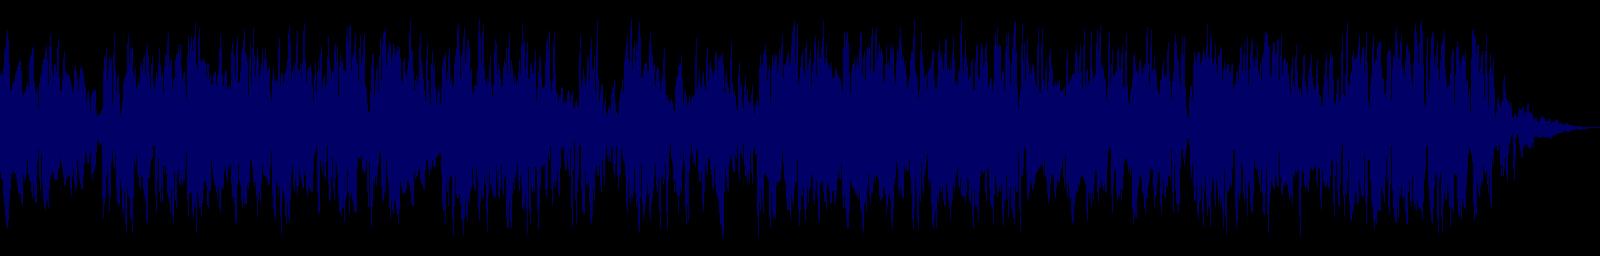 waveform of track #132300